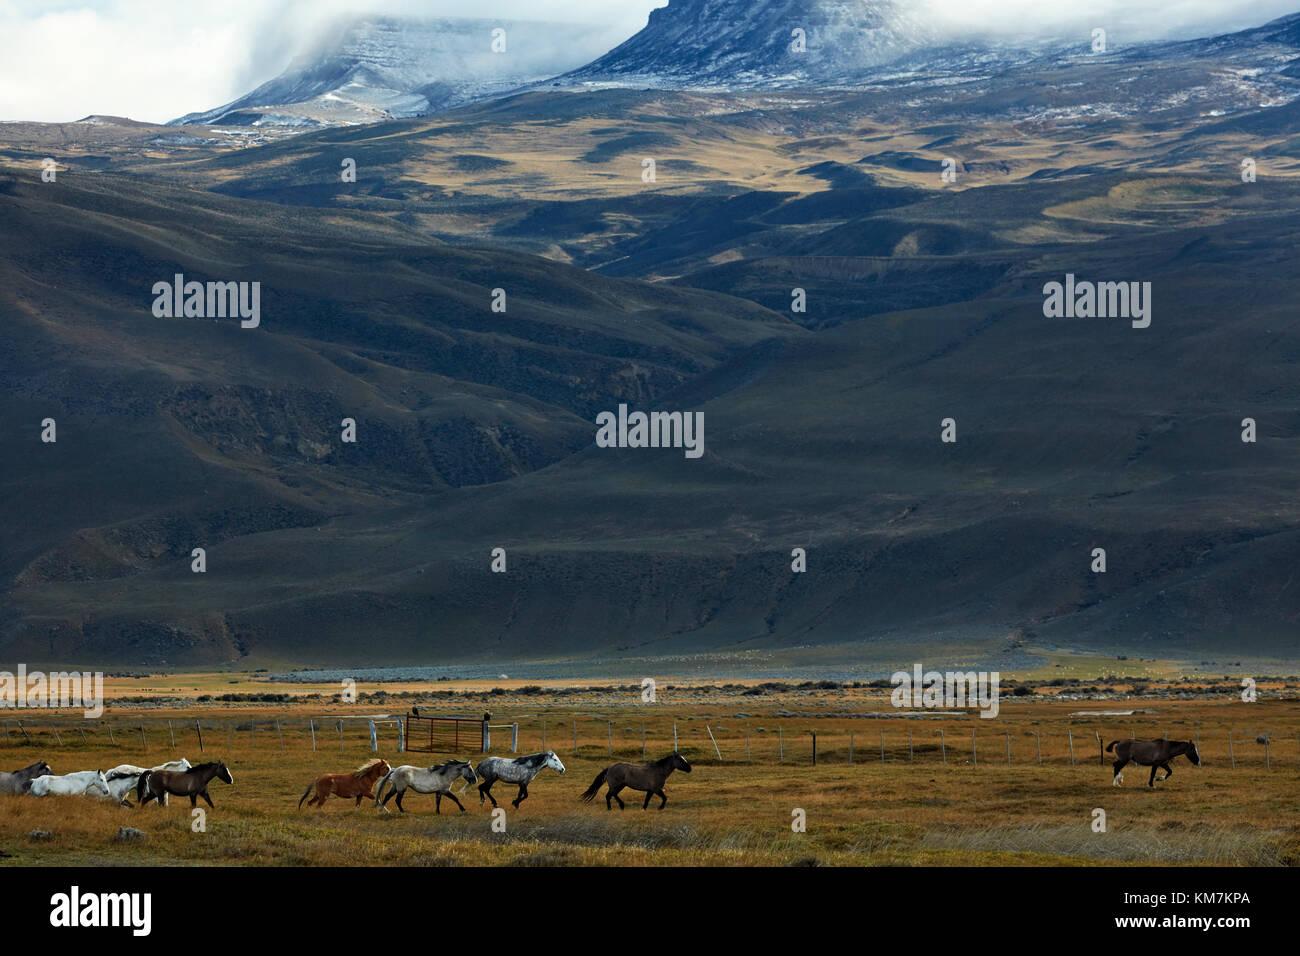 Les chevaux et les terres agricoles près de El Chalten, Patagonie, Argentine, Amérique du Sud Photo Stock